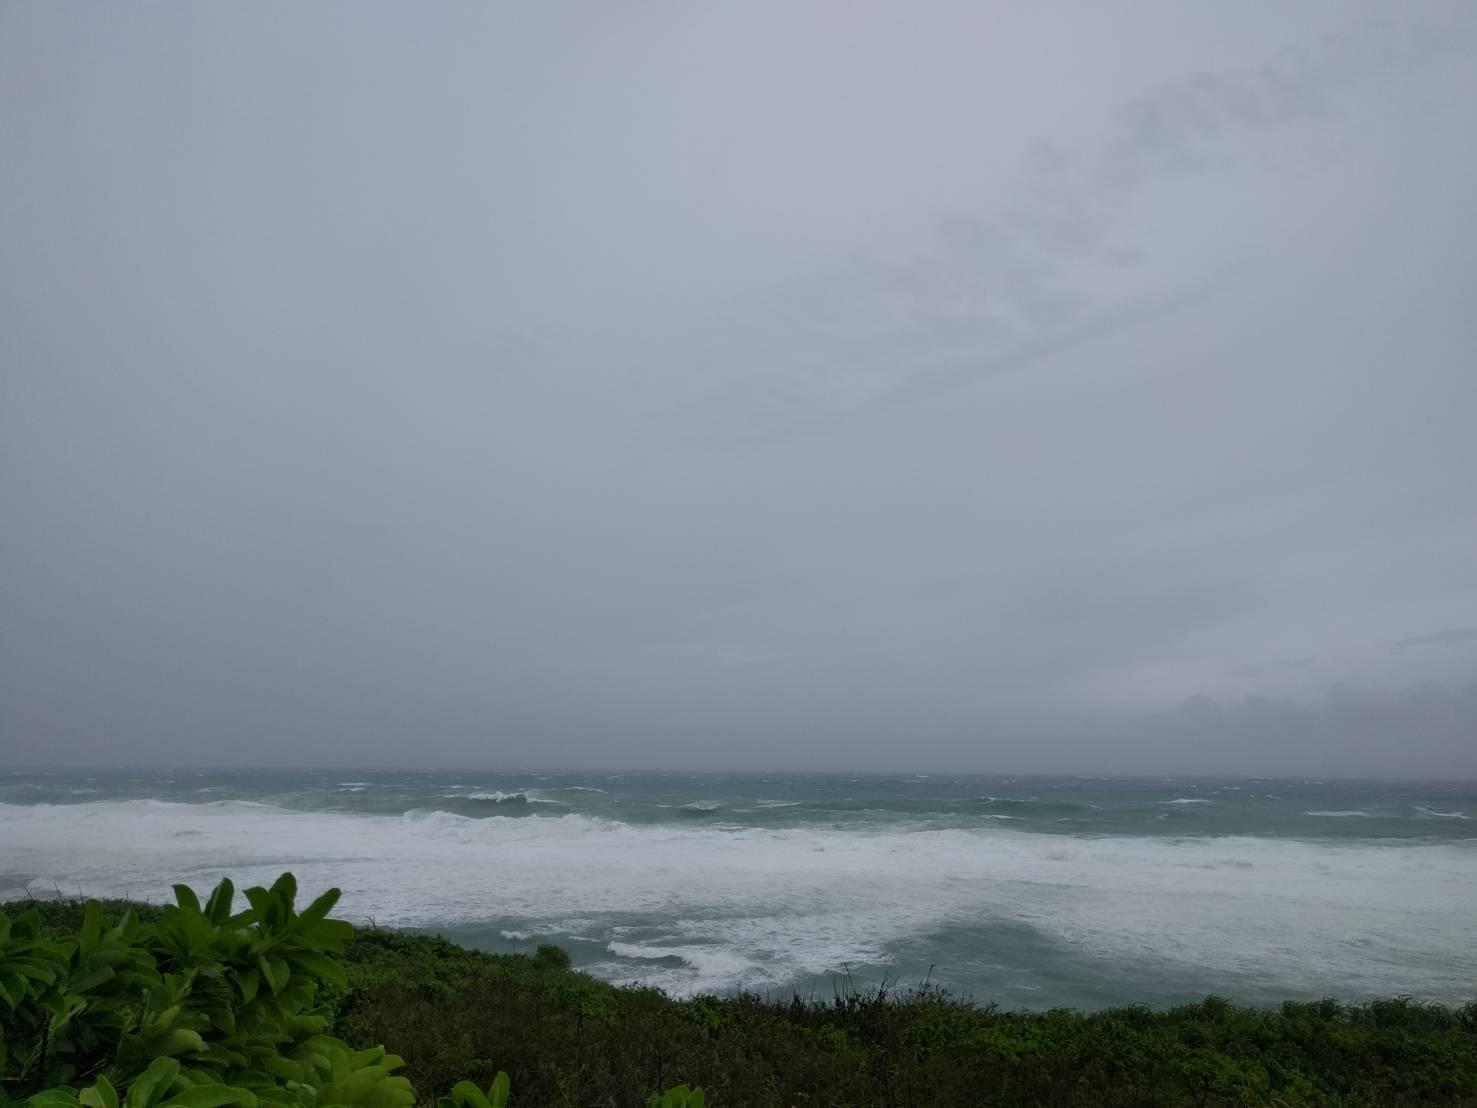 今日の沖縄は荒れています!